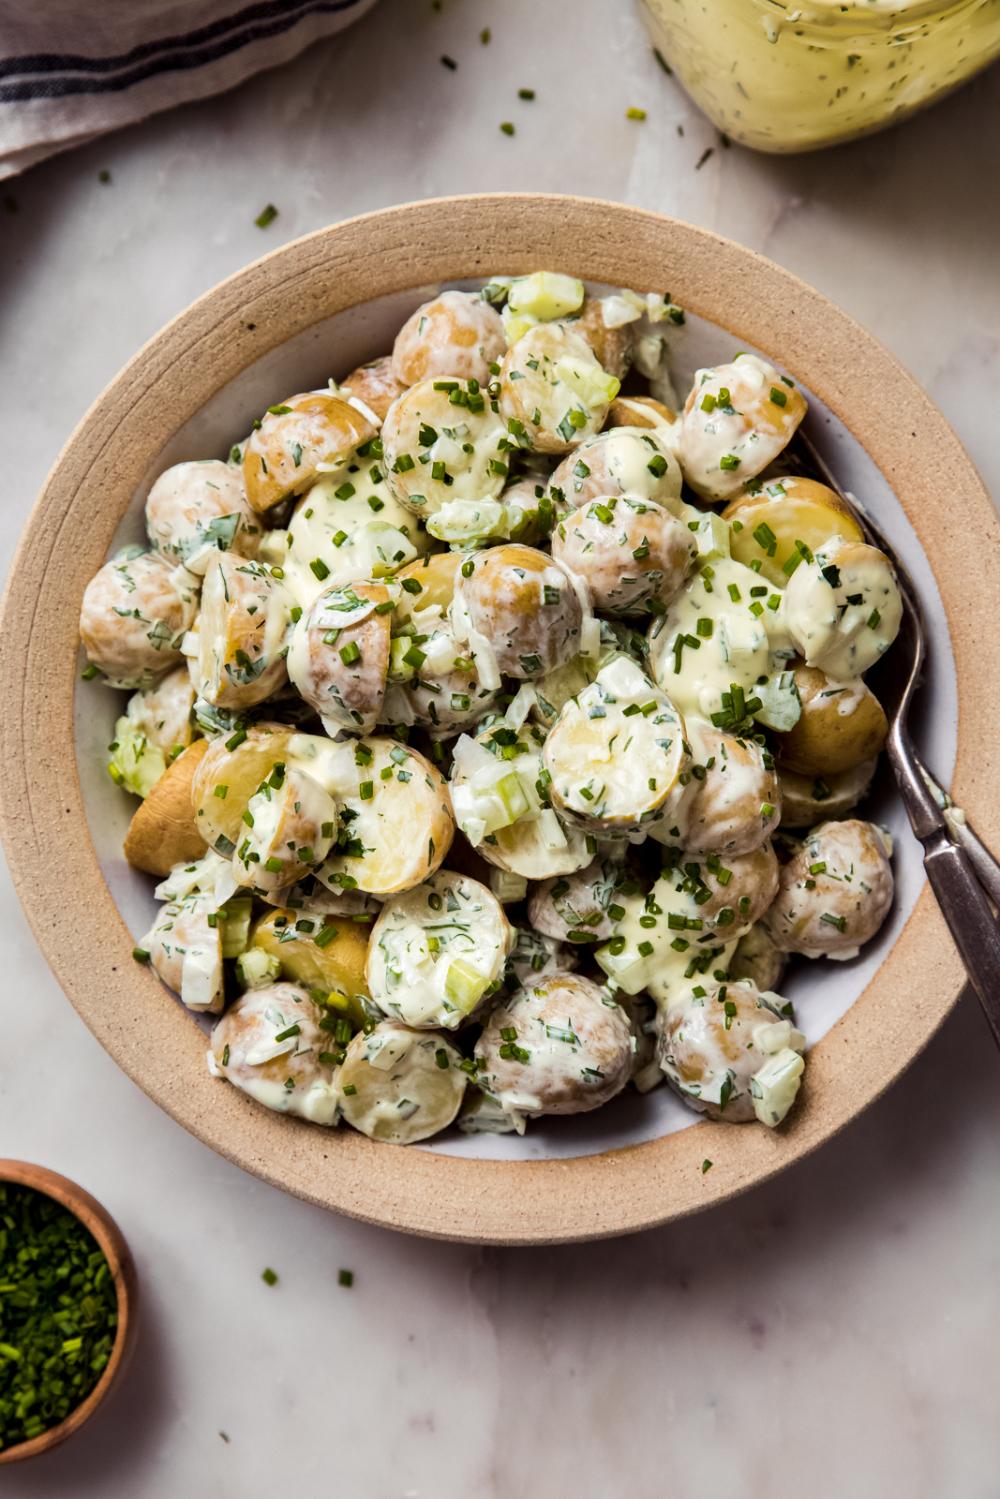 Creamy Sour Cream Chive Potato Salad Recipe Little Spice Jar Recipe In 2020 Homemade Potato Salads Sour Cream Potatoes Sour Cream Chives